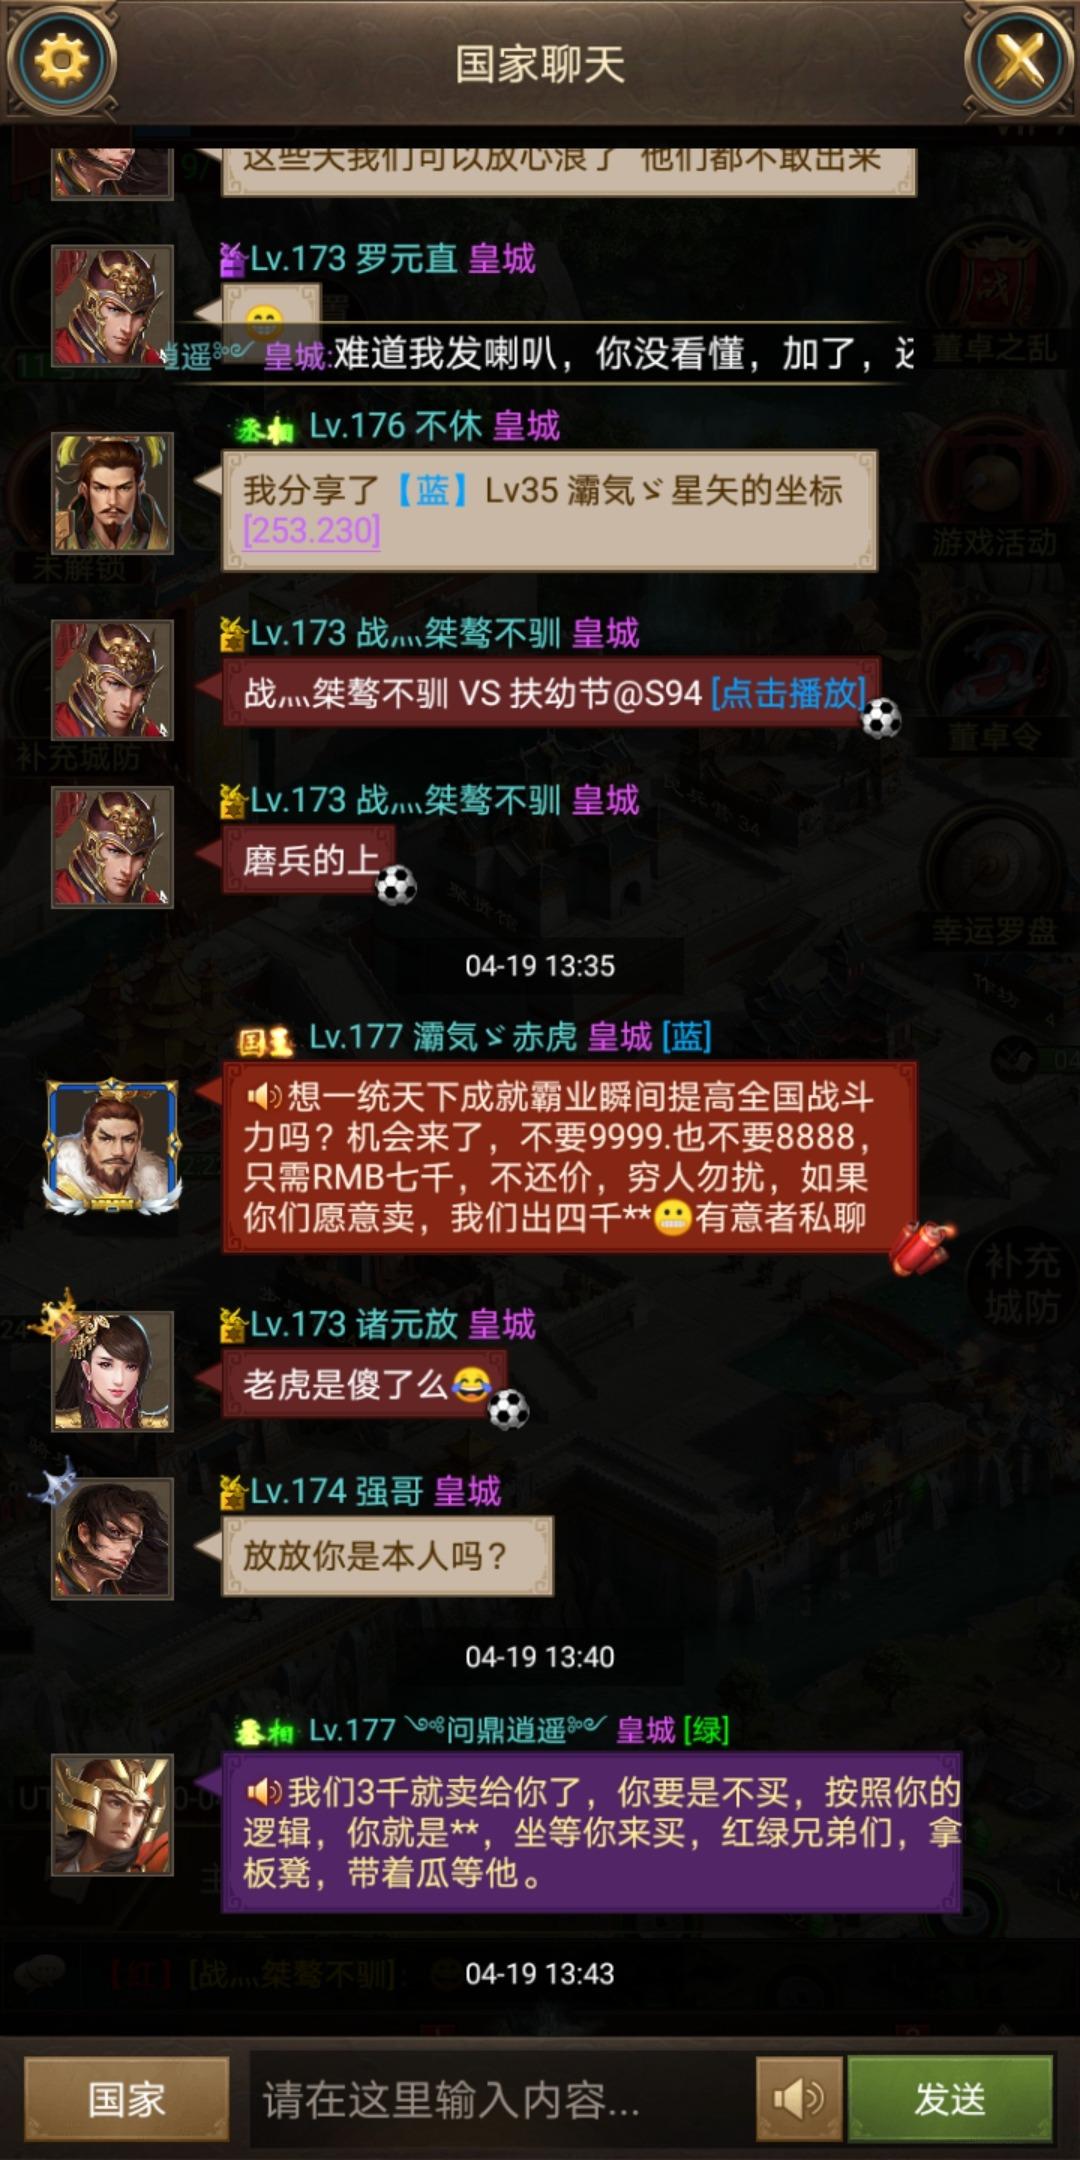 Screenshot_20200419_140540_juedi.tatuyin.rxsg.huawei.jpg